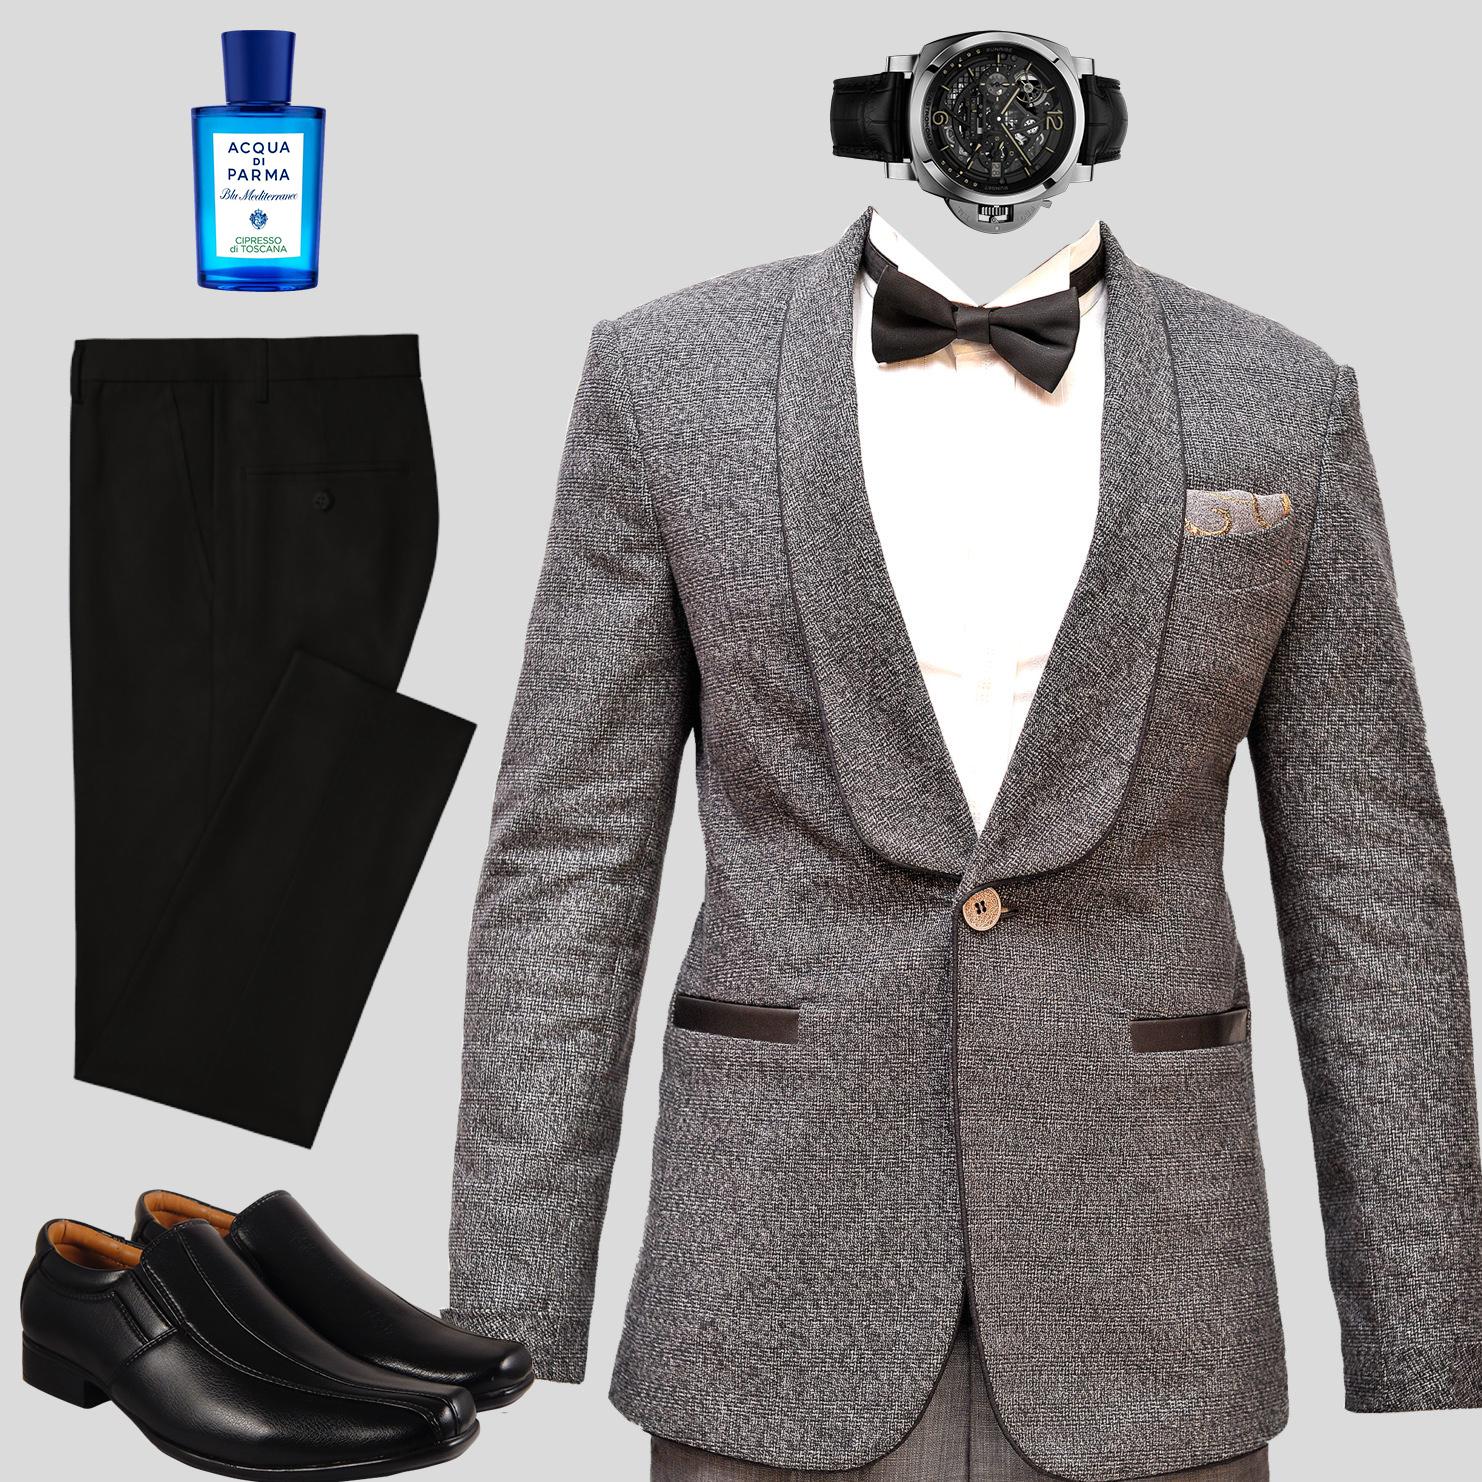 Important business meeting dinner jacket look Kenya